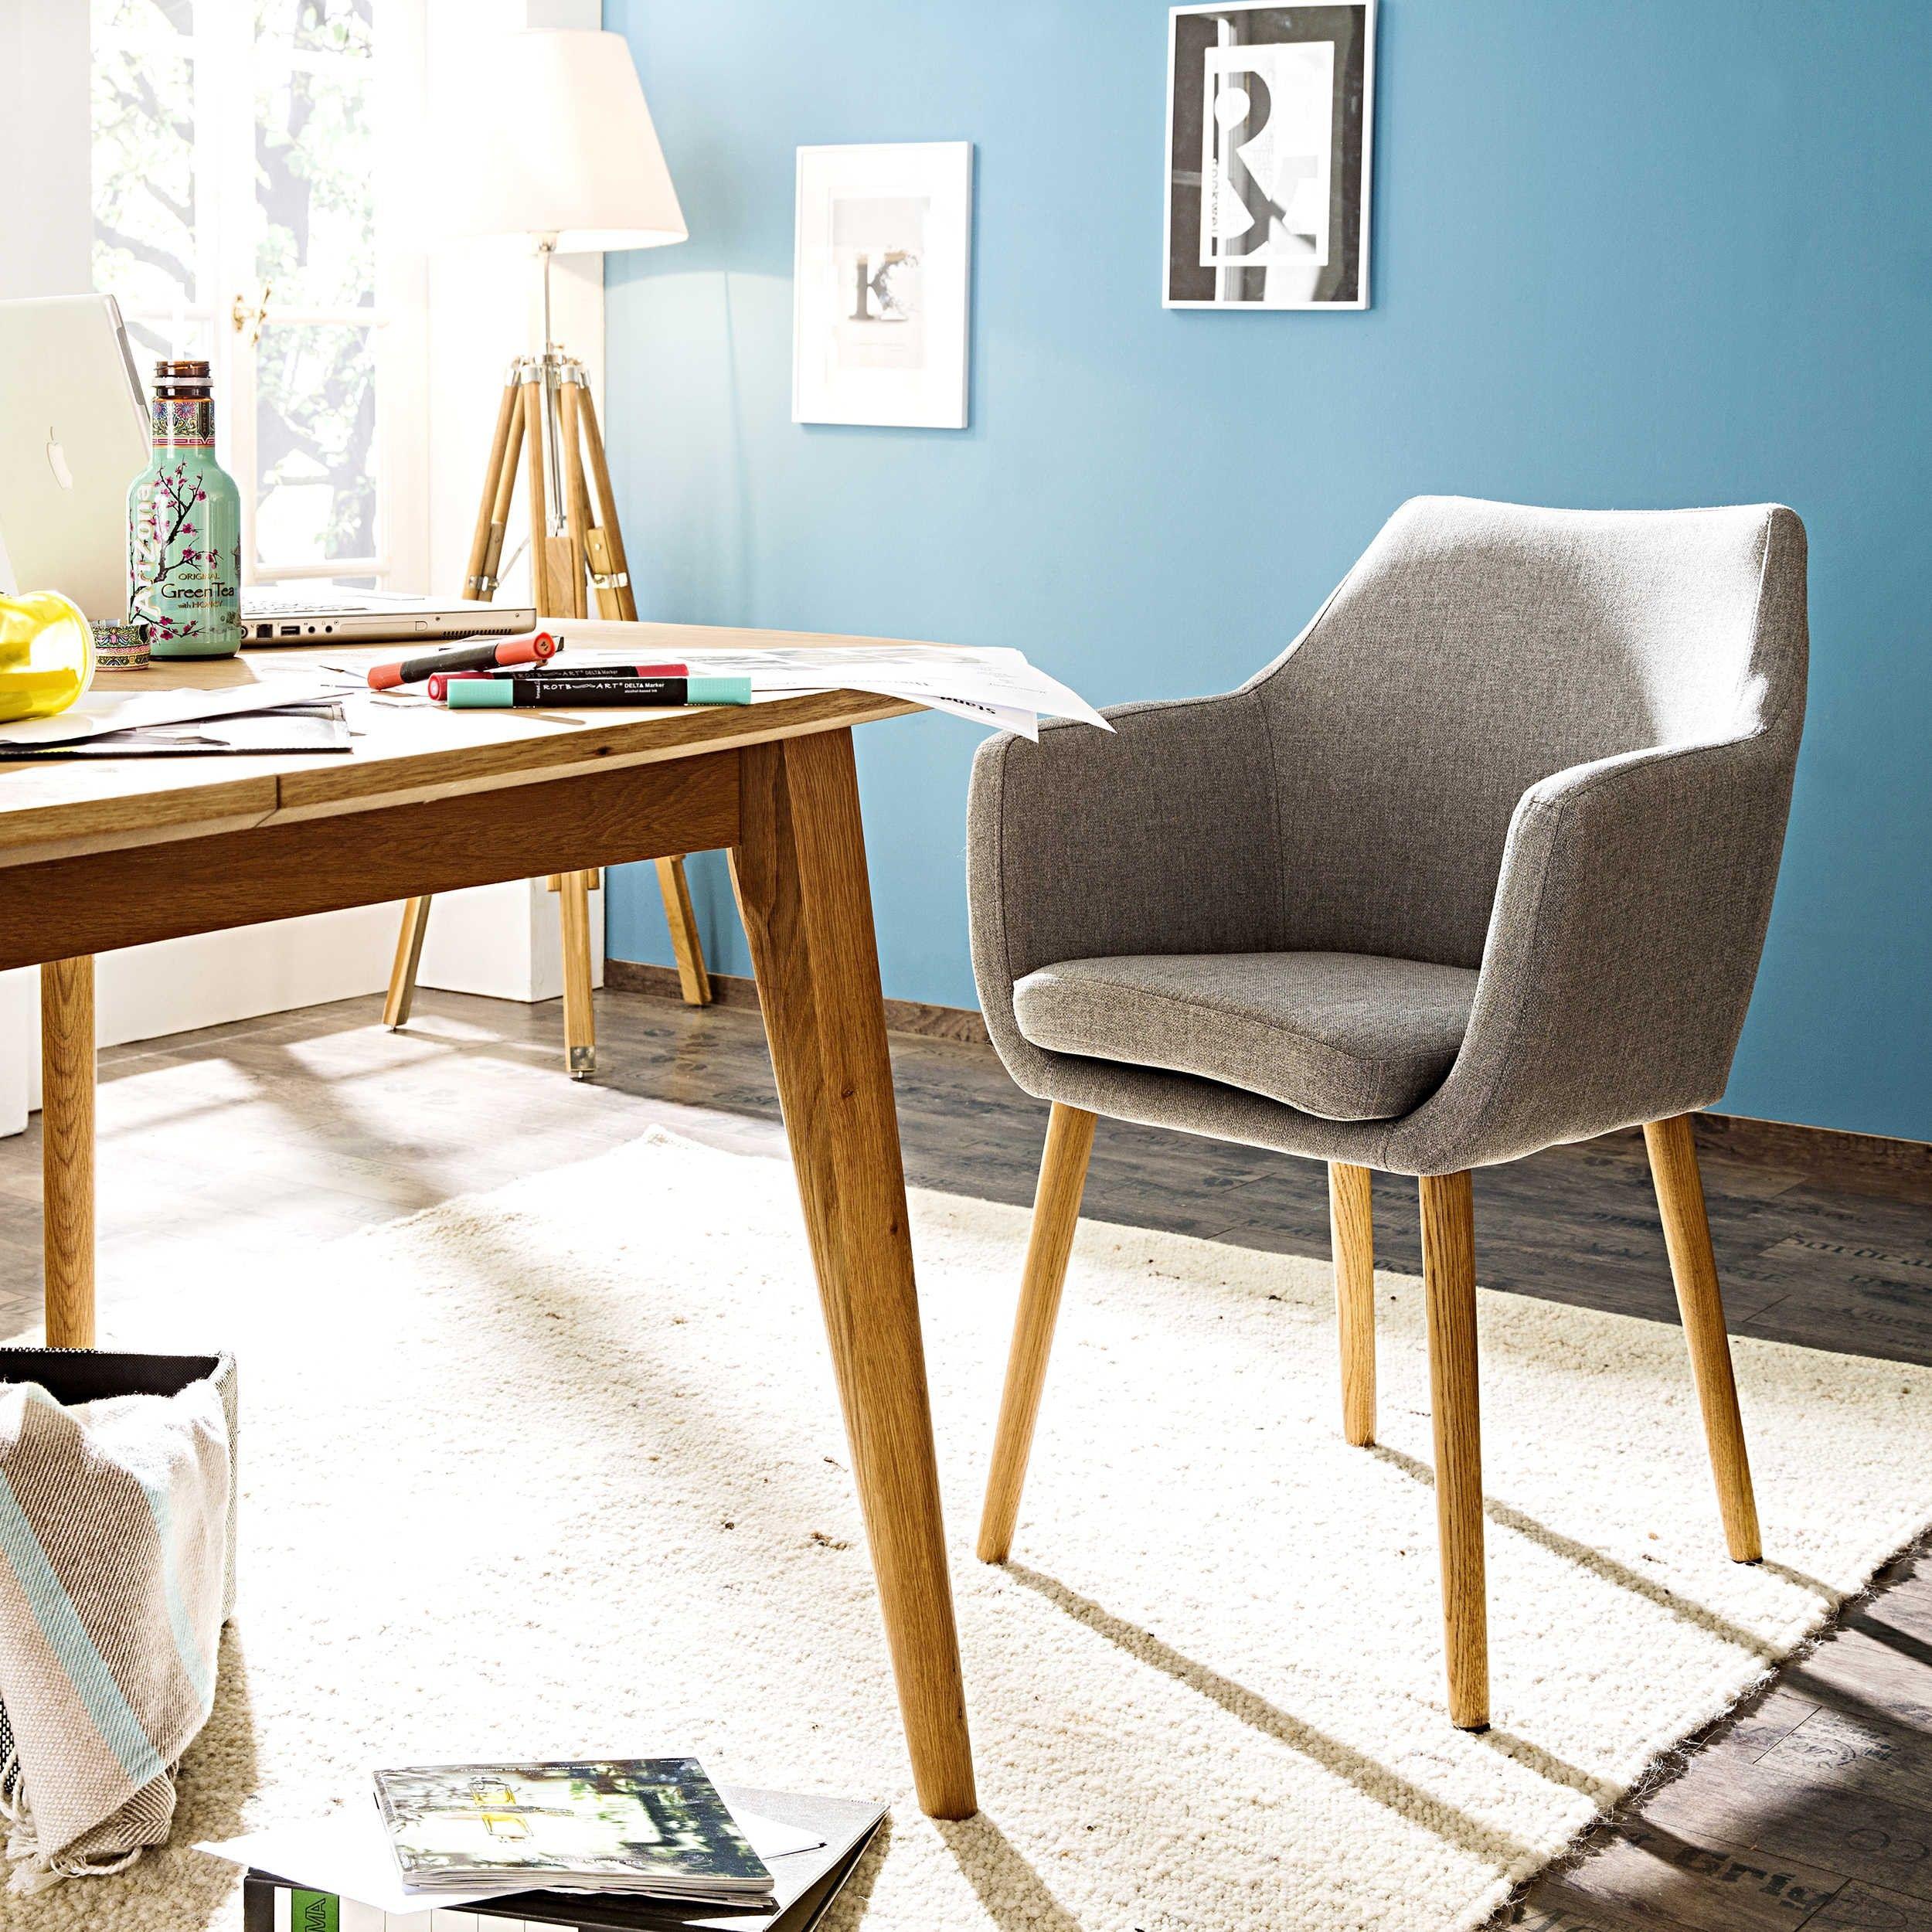 Stuhl petrulli hellgrau 4 fuß stühle stühle freischwinger esszimmer möbel